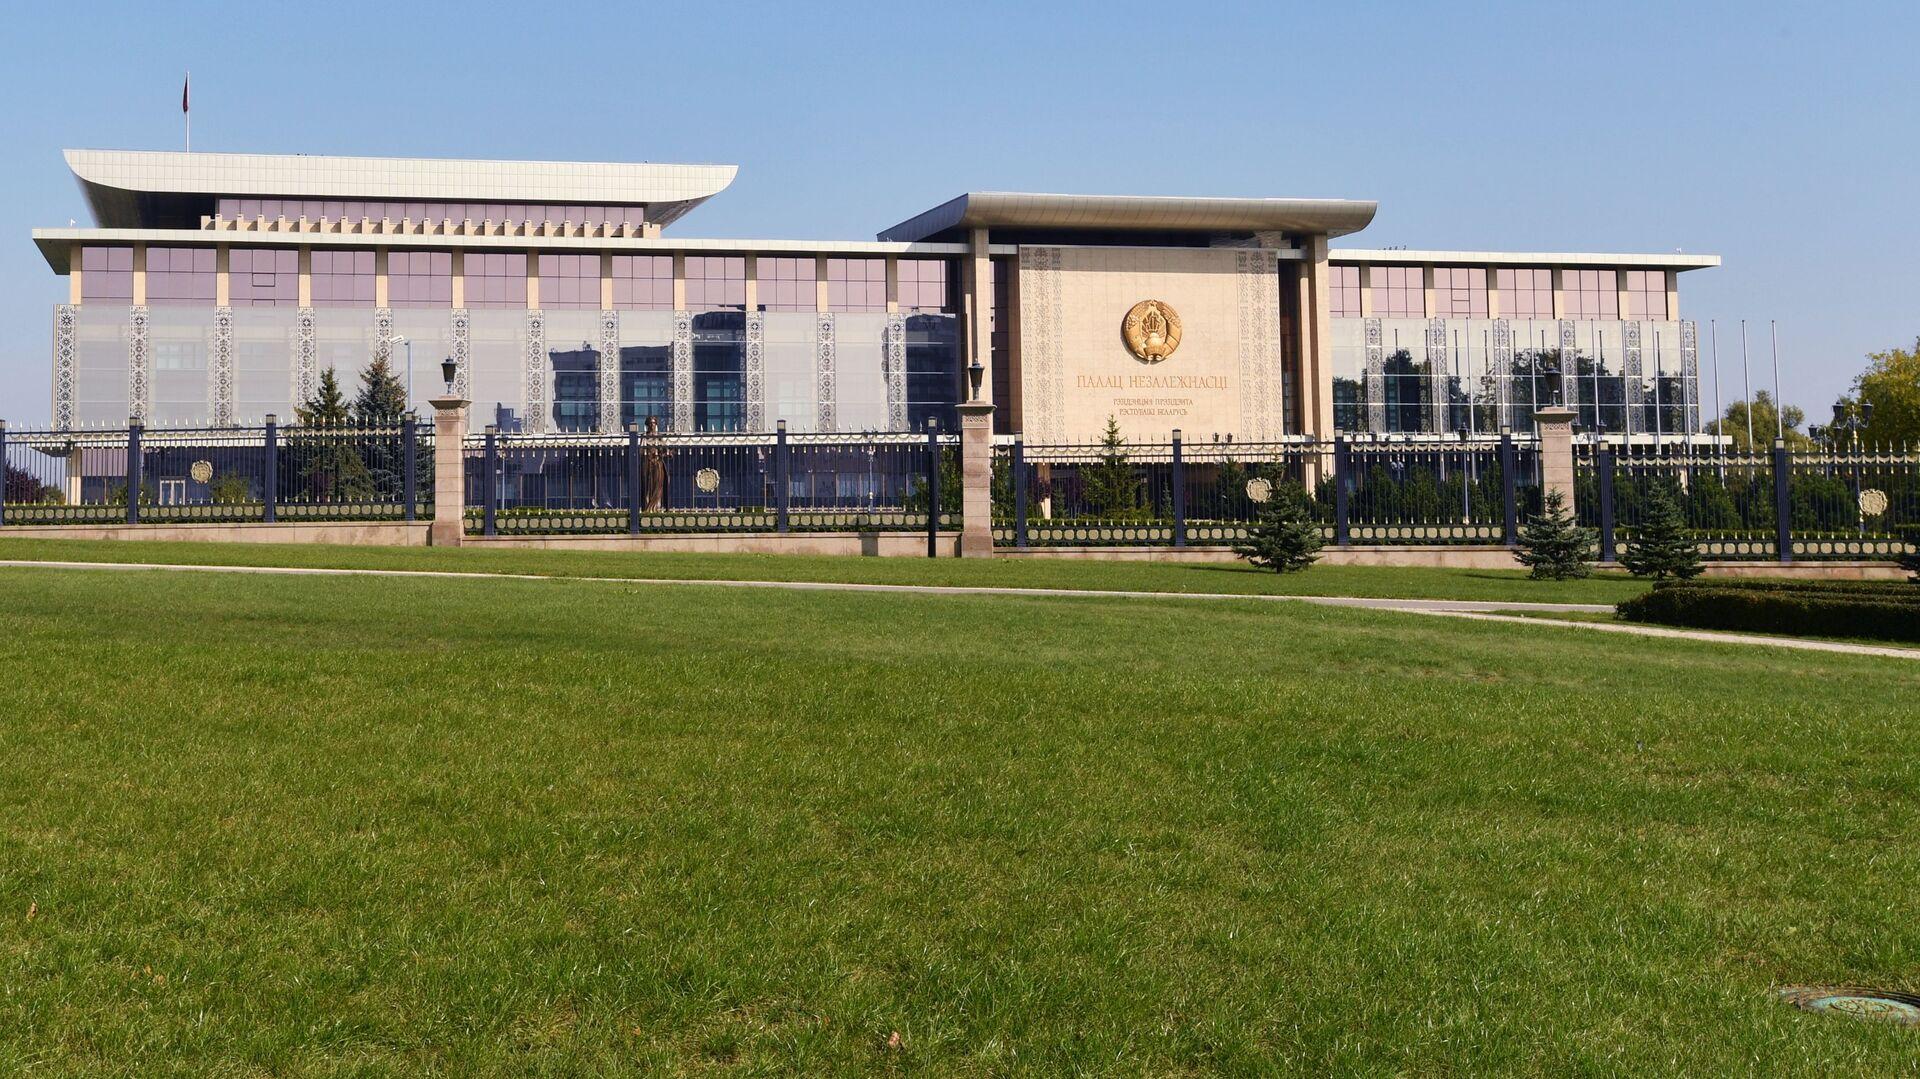 Pałac Niepodległości w Mińsku, Białoruś. - Sputnik Polska, 1920, 10.06.2021